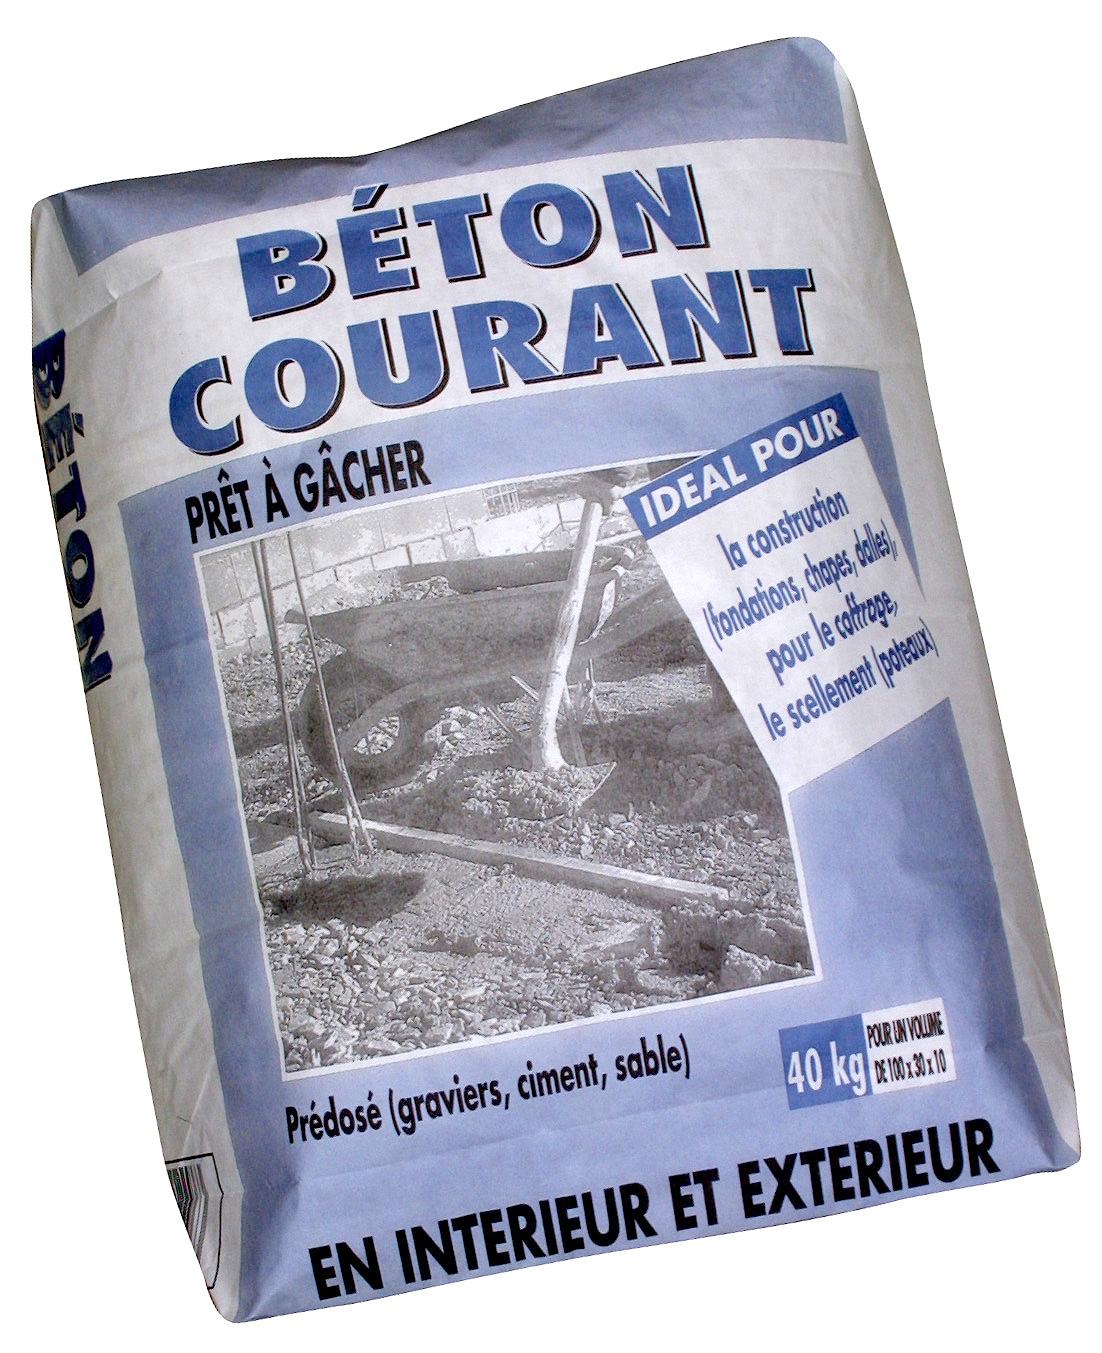 Trendy plaquette de parement bricoman with plaquette de - Plaquette de parement bricoman ...